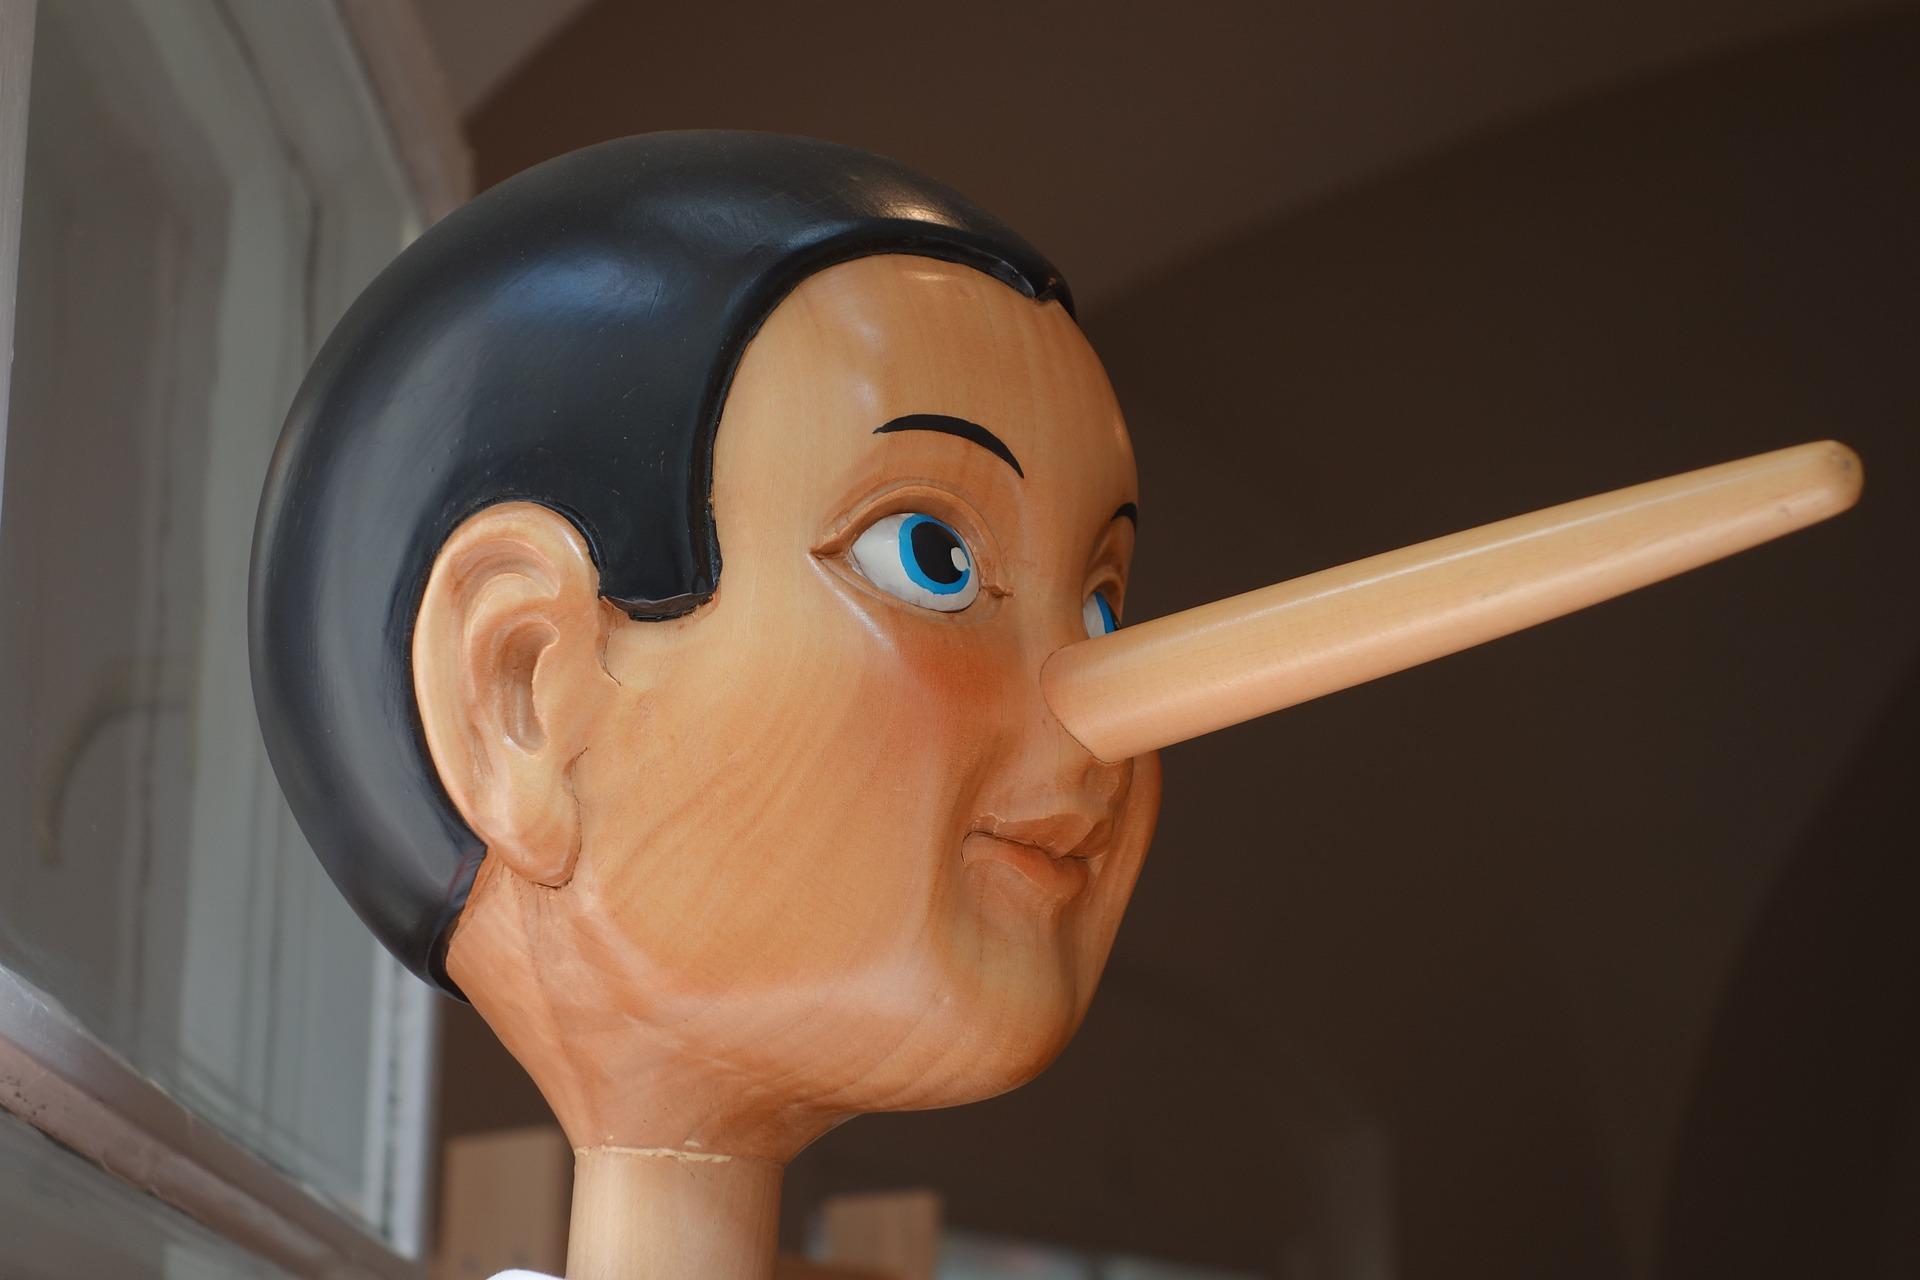 거짓말 하는 아이, 이유있는 거짓말